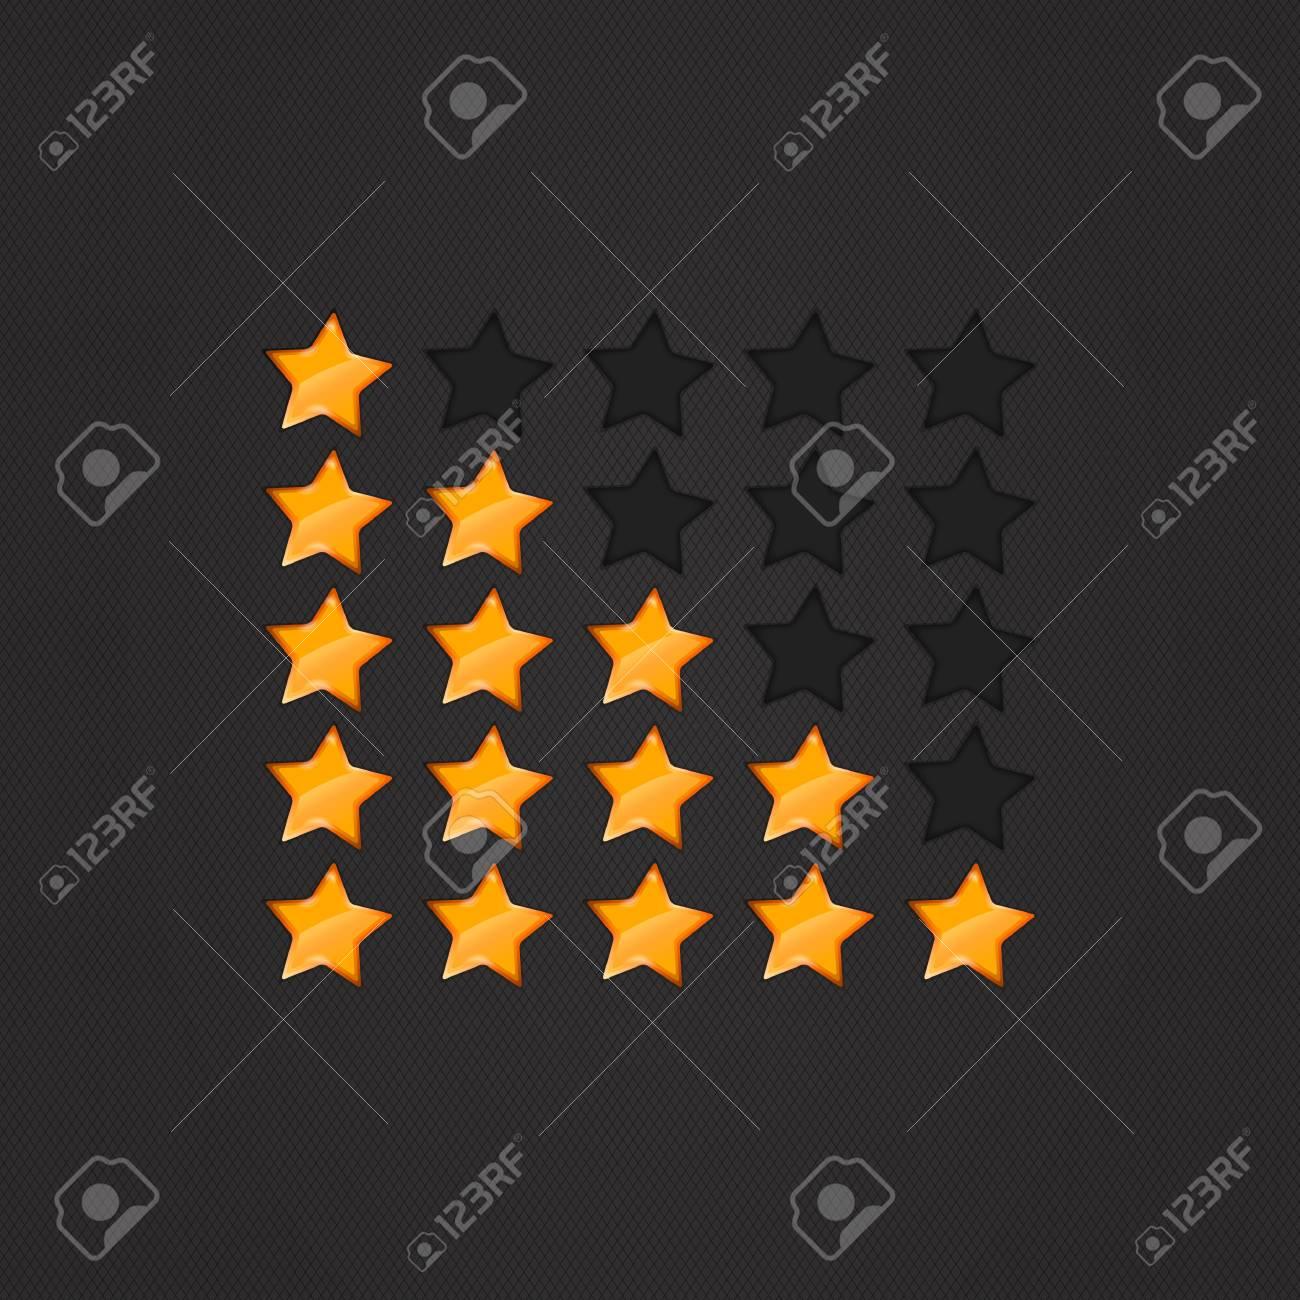 Glossy Rating Stars orange for web. vector illustration, eps10 Stock Vector - 14792273